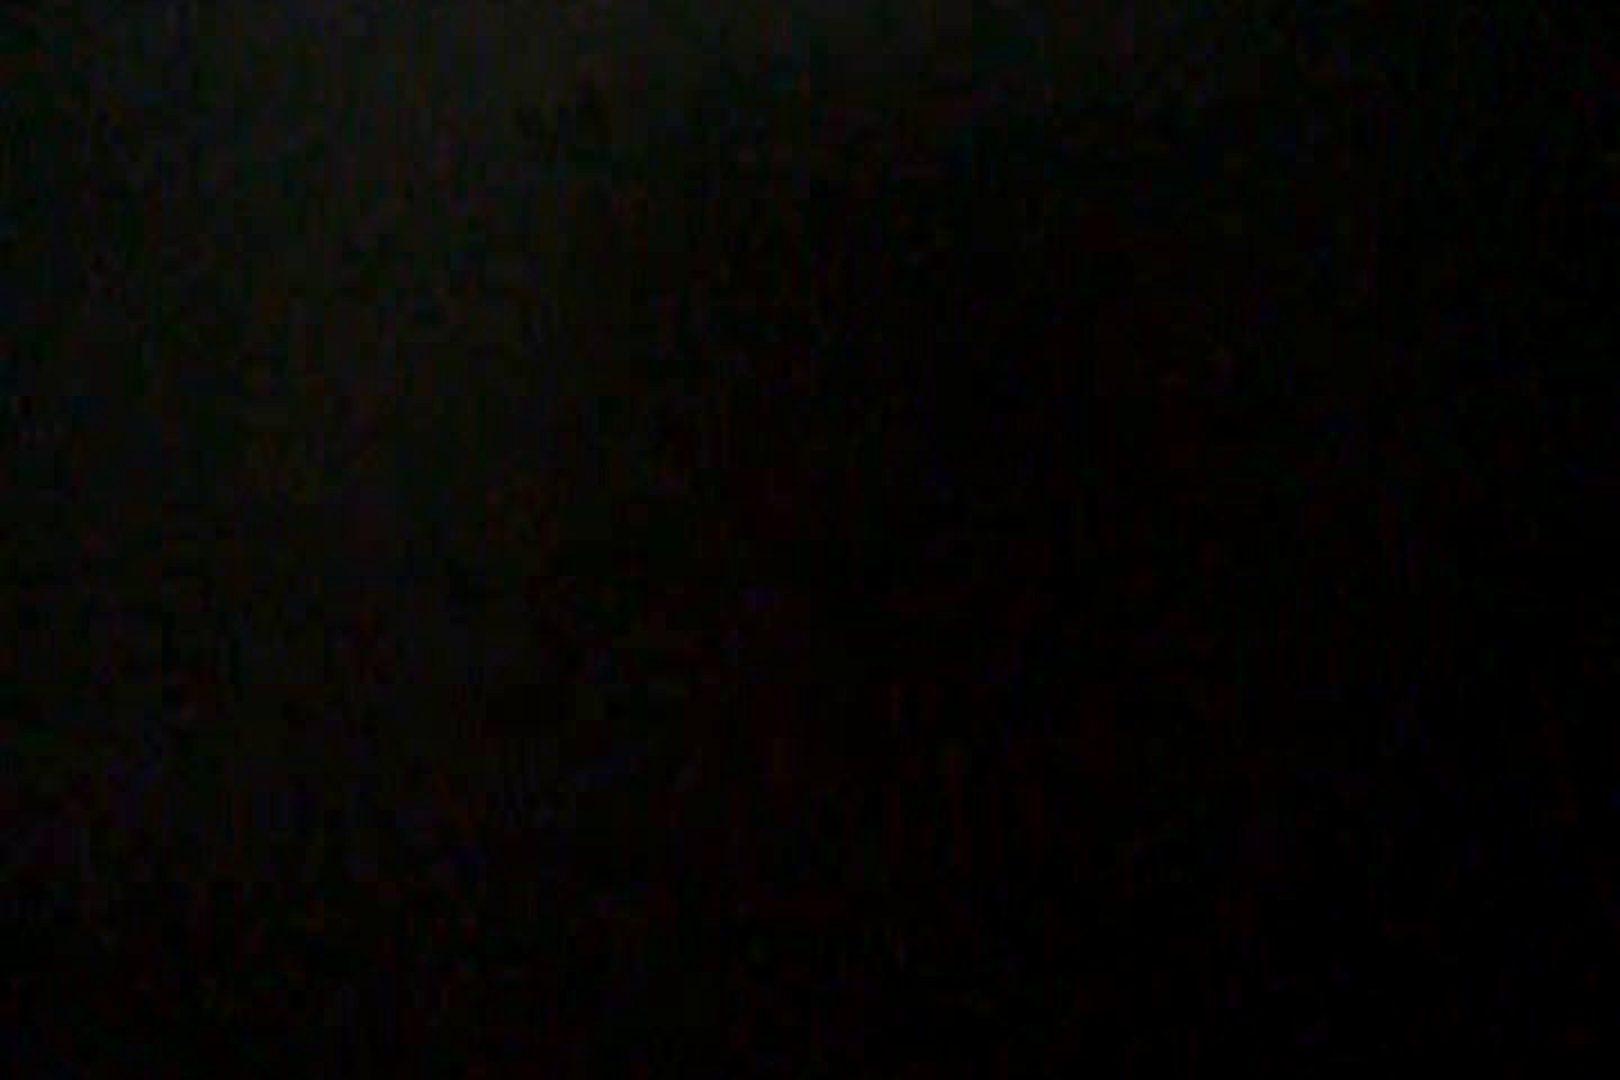 ぼっとん洗面所スペシャルVol.5 洗面所 盗み撮りAV無料動画キャプチャ 88PICs 41